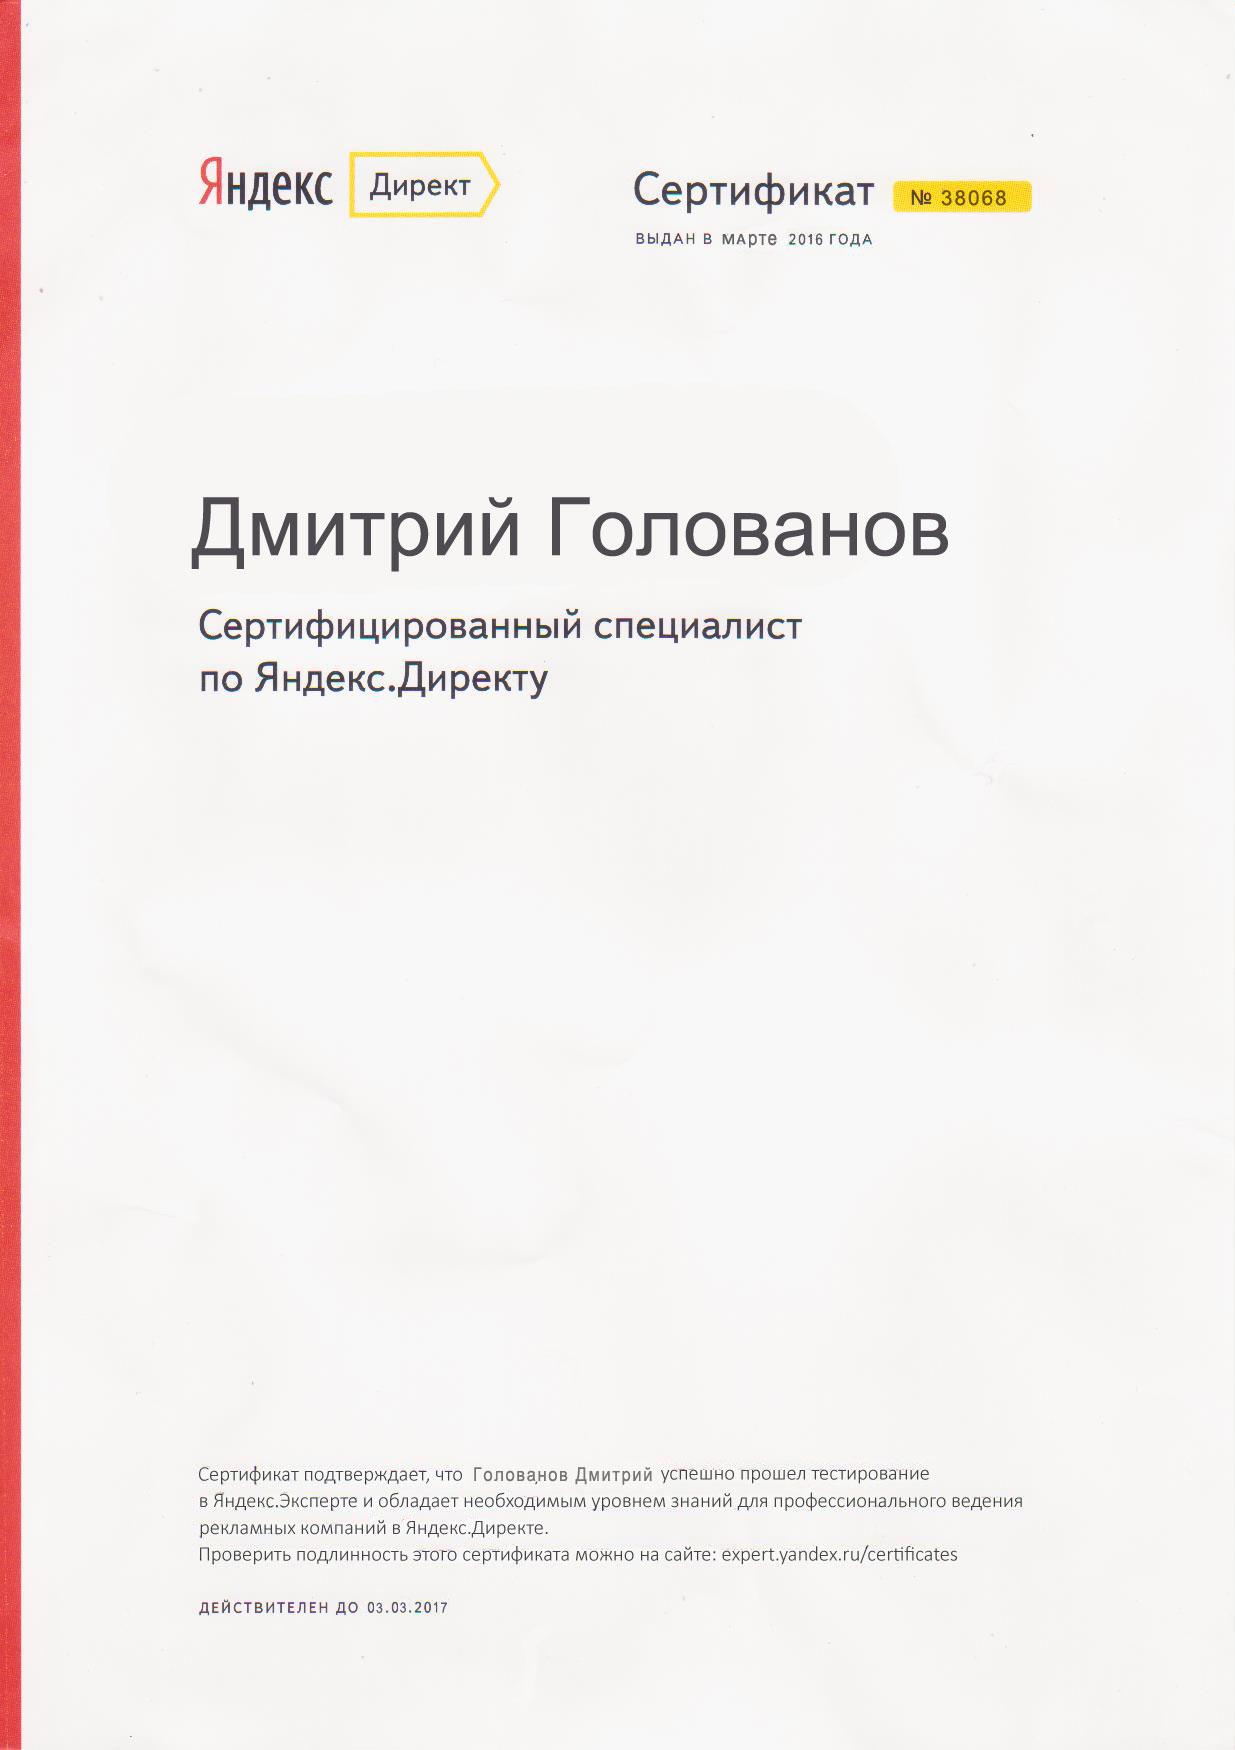 """Голованов Дмитрий -  сдал """"Яндекс.Эксперт"""" 2016 ."""